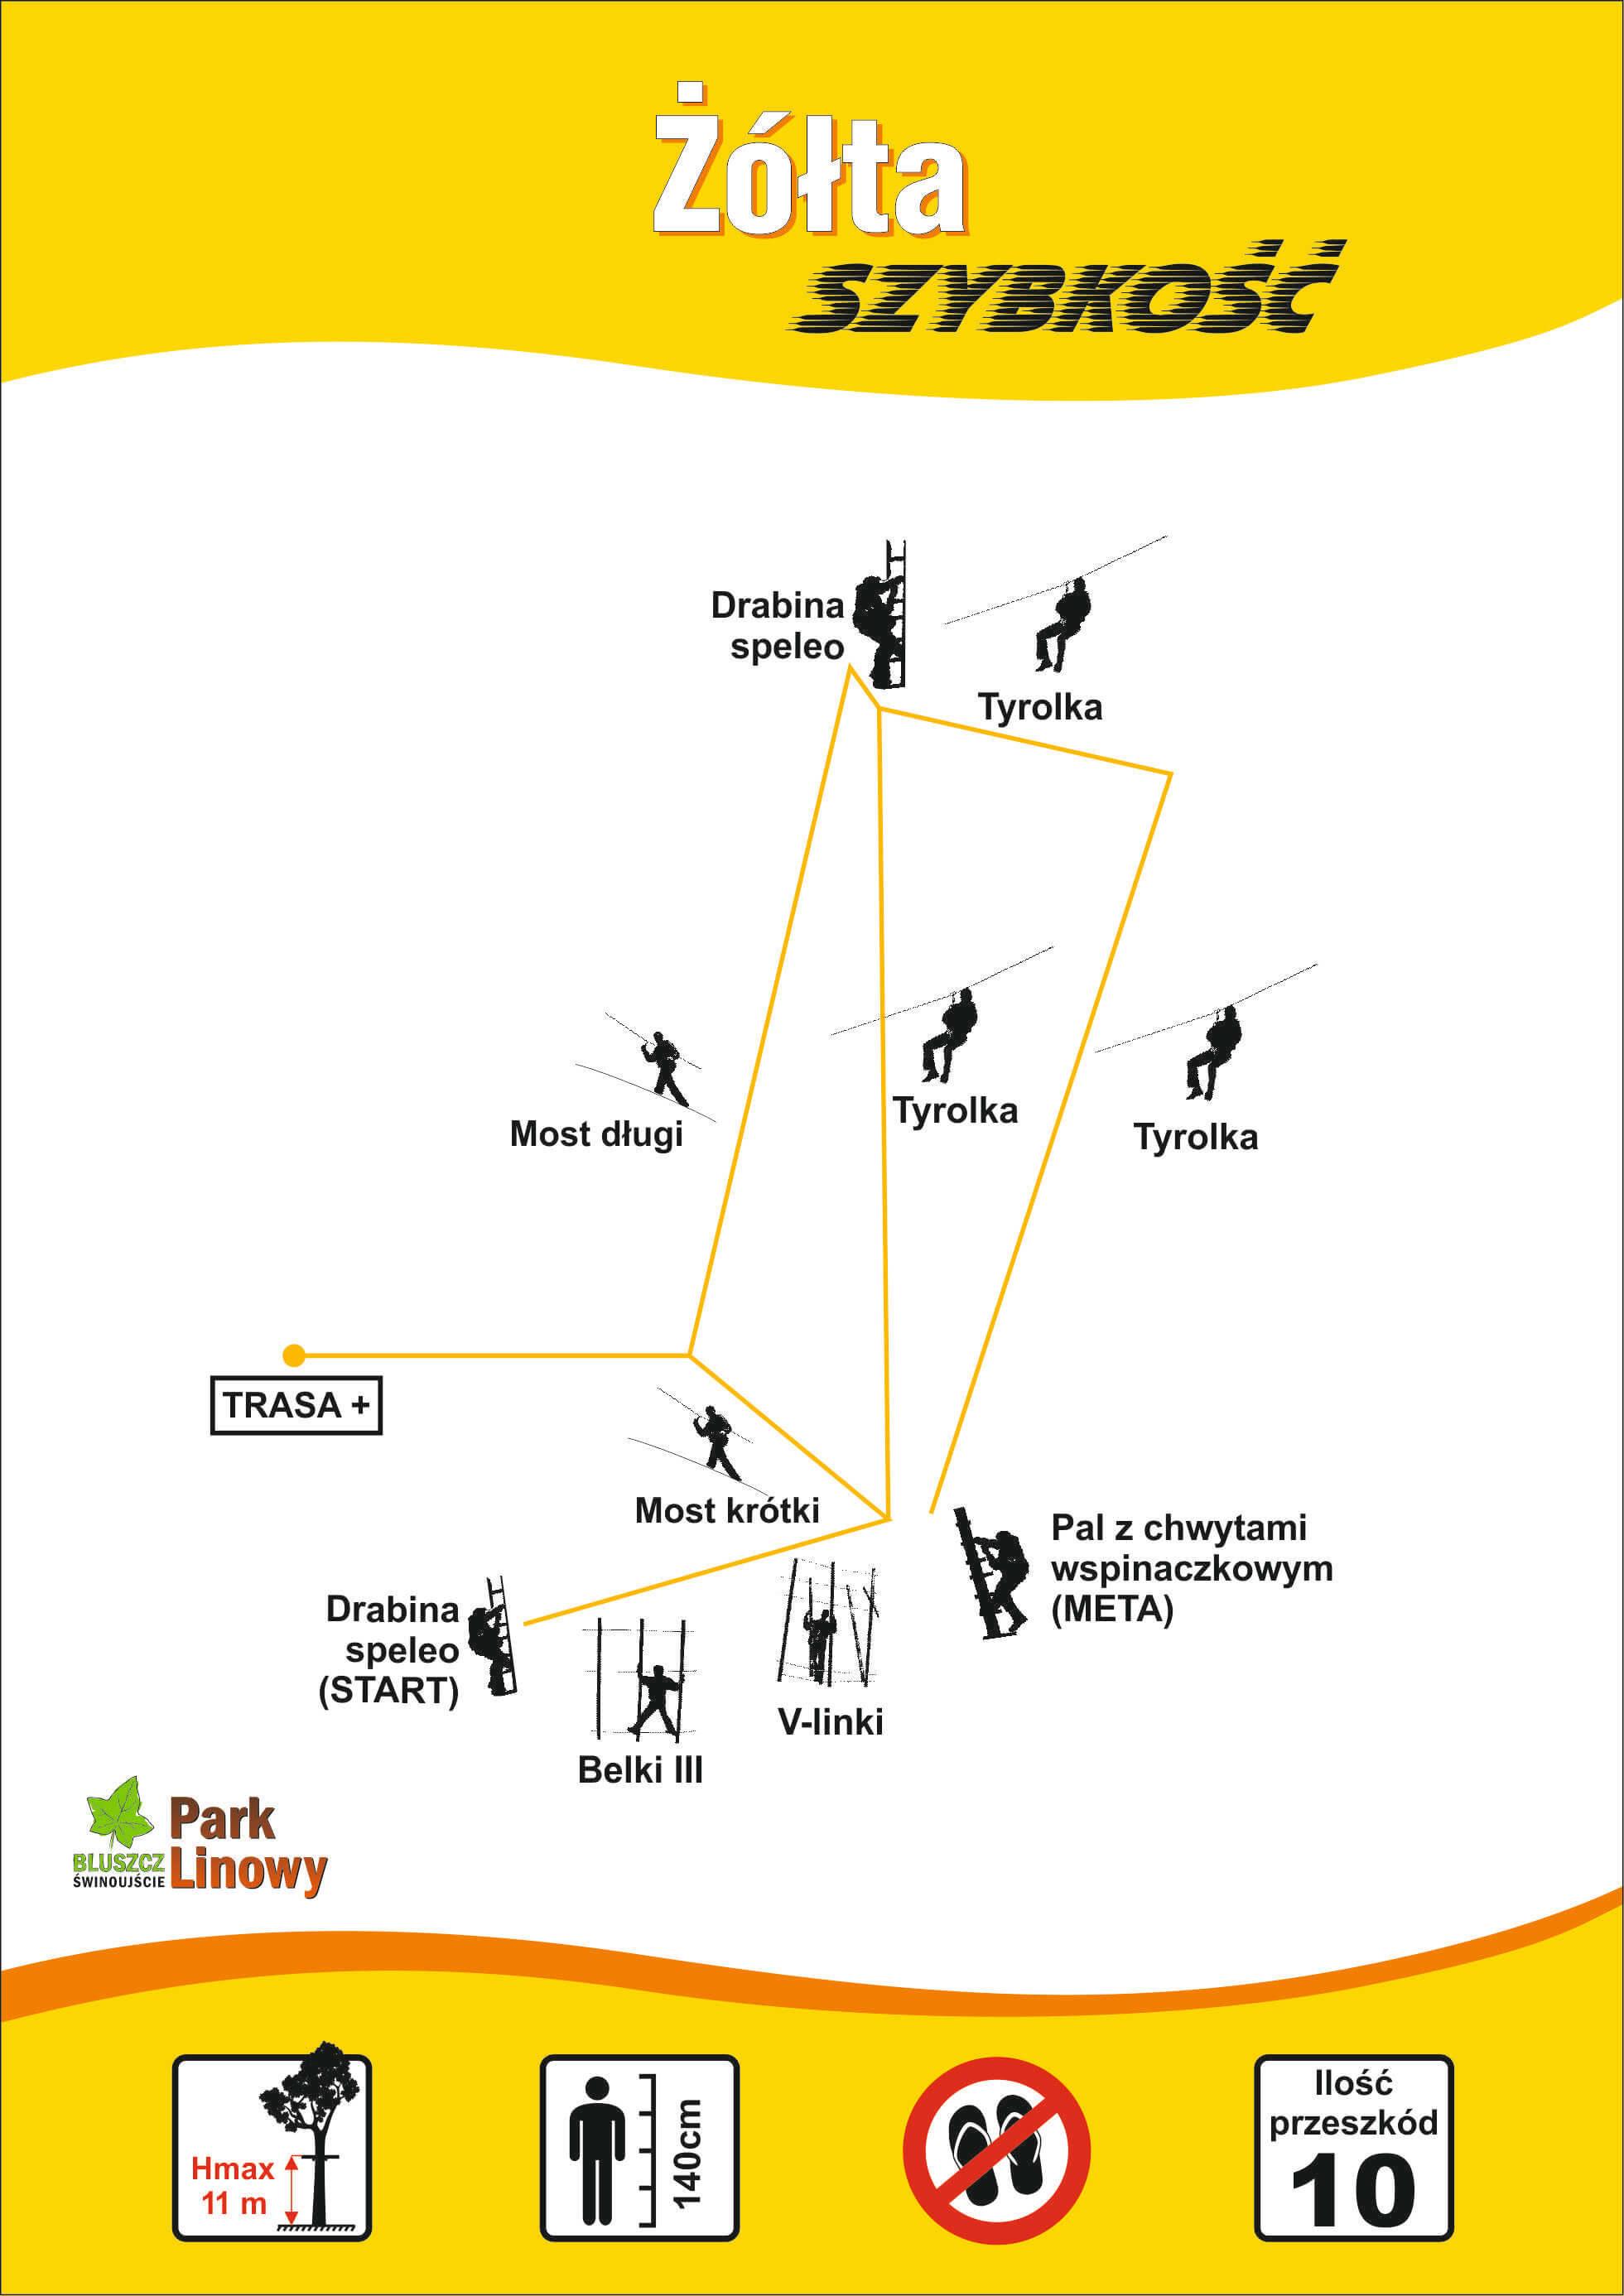 Trasa Żółta Park Linowy Bluszcz Świnoujście